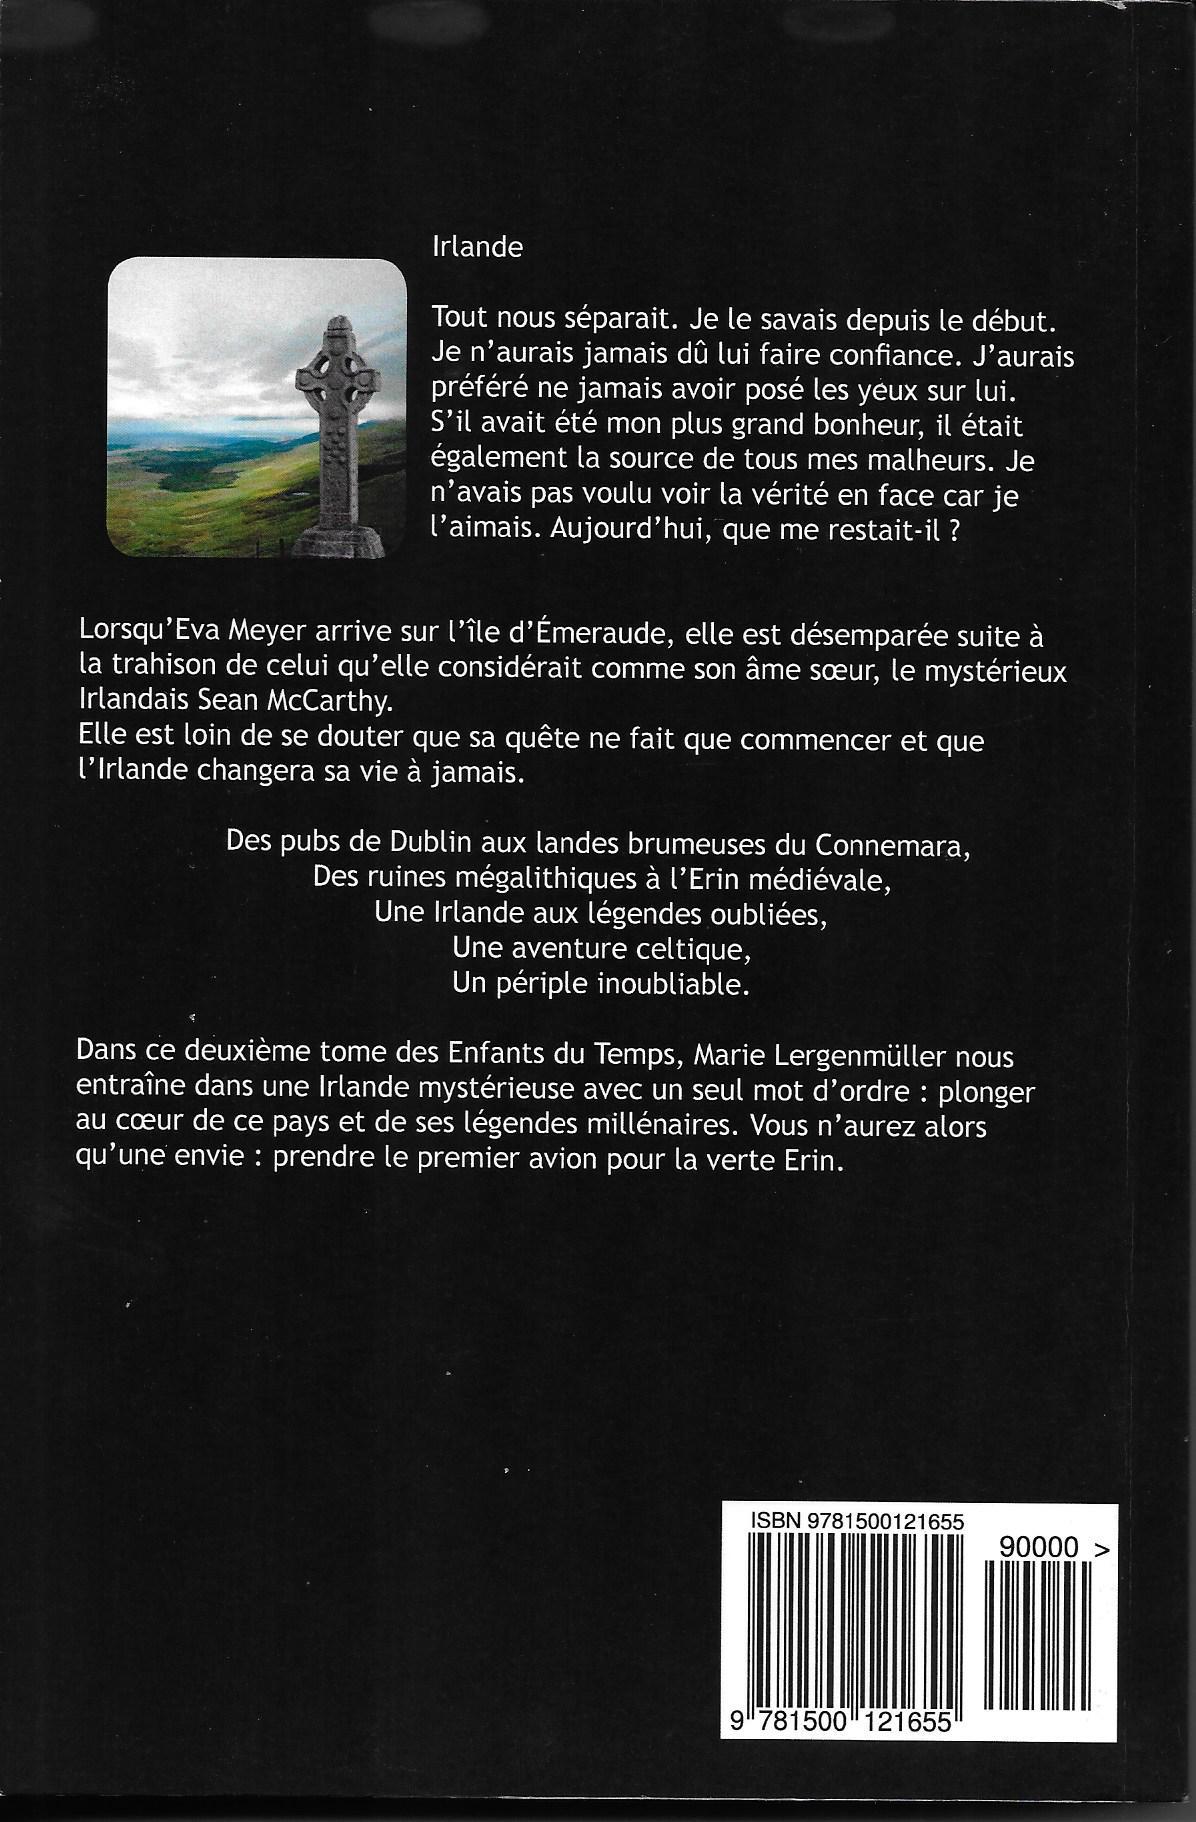 Les Enfants du Temps - Insoumise (couverture verso)